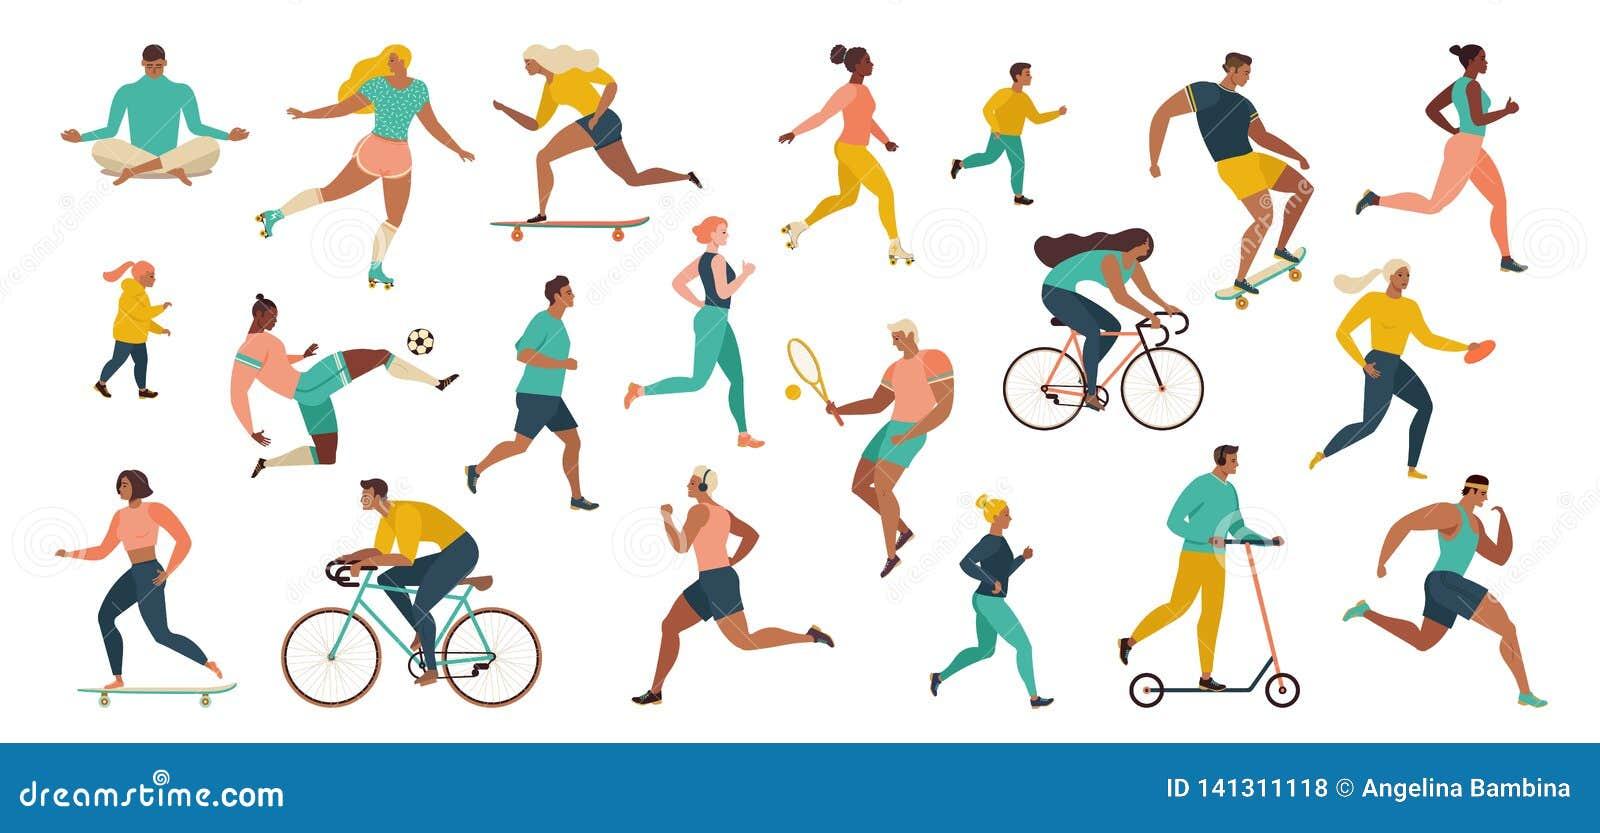 Groupe de personnes exerçant des activités de sports au parc faisant des exercices de yoga et de gymnastique, pulsant, bicyclette